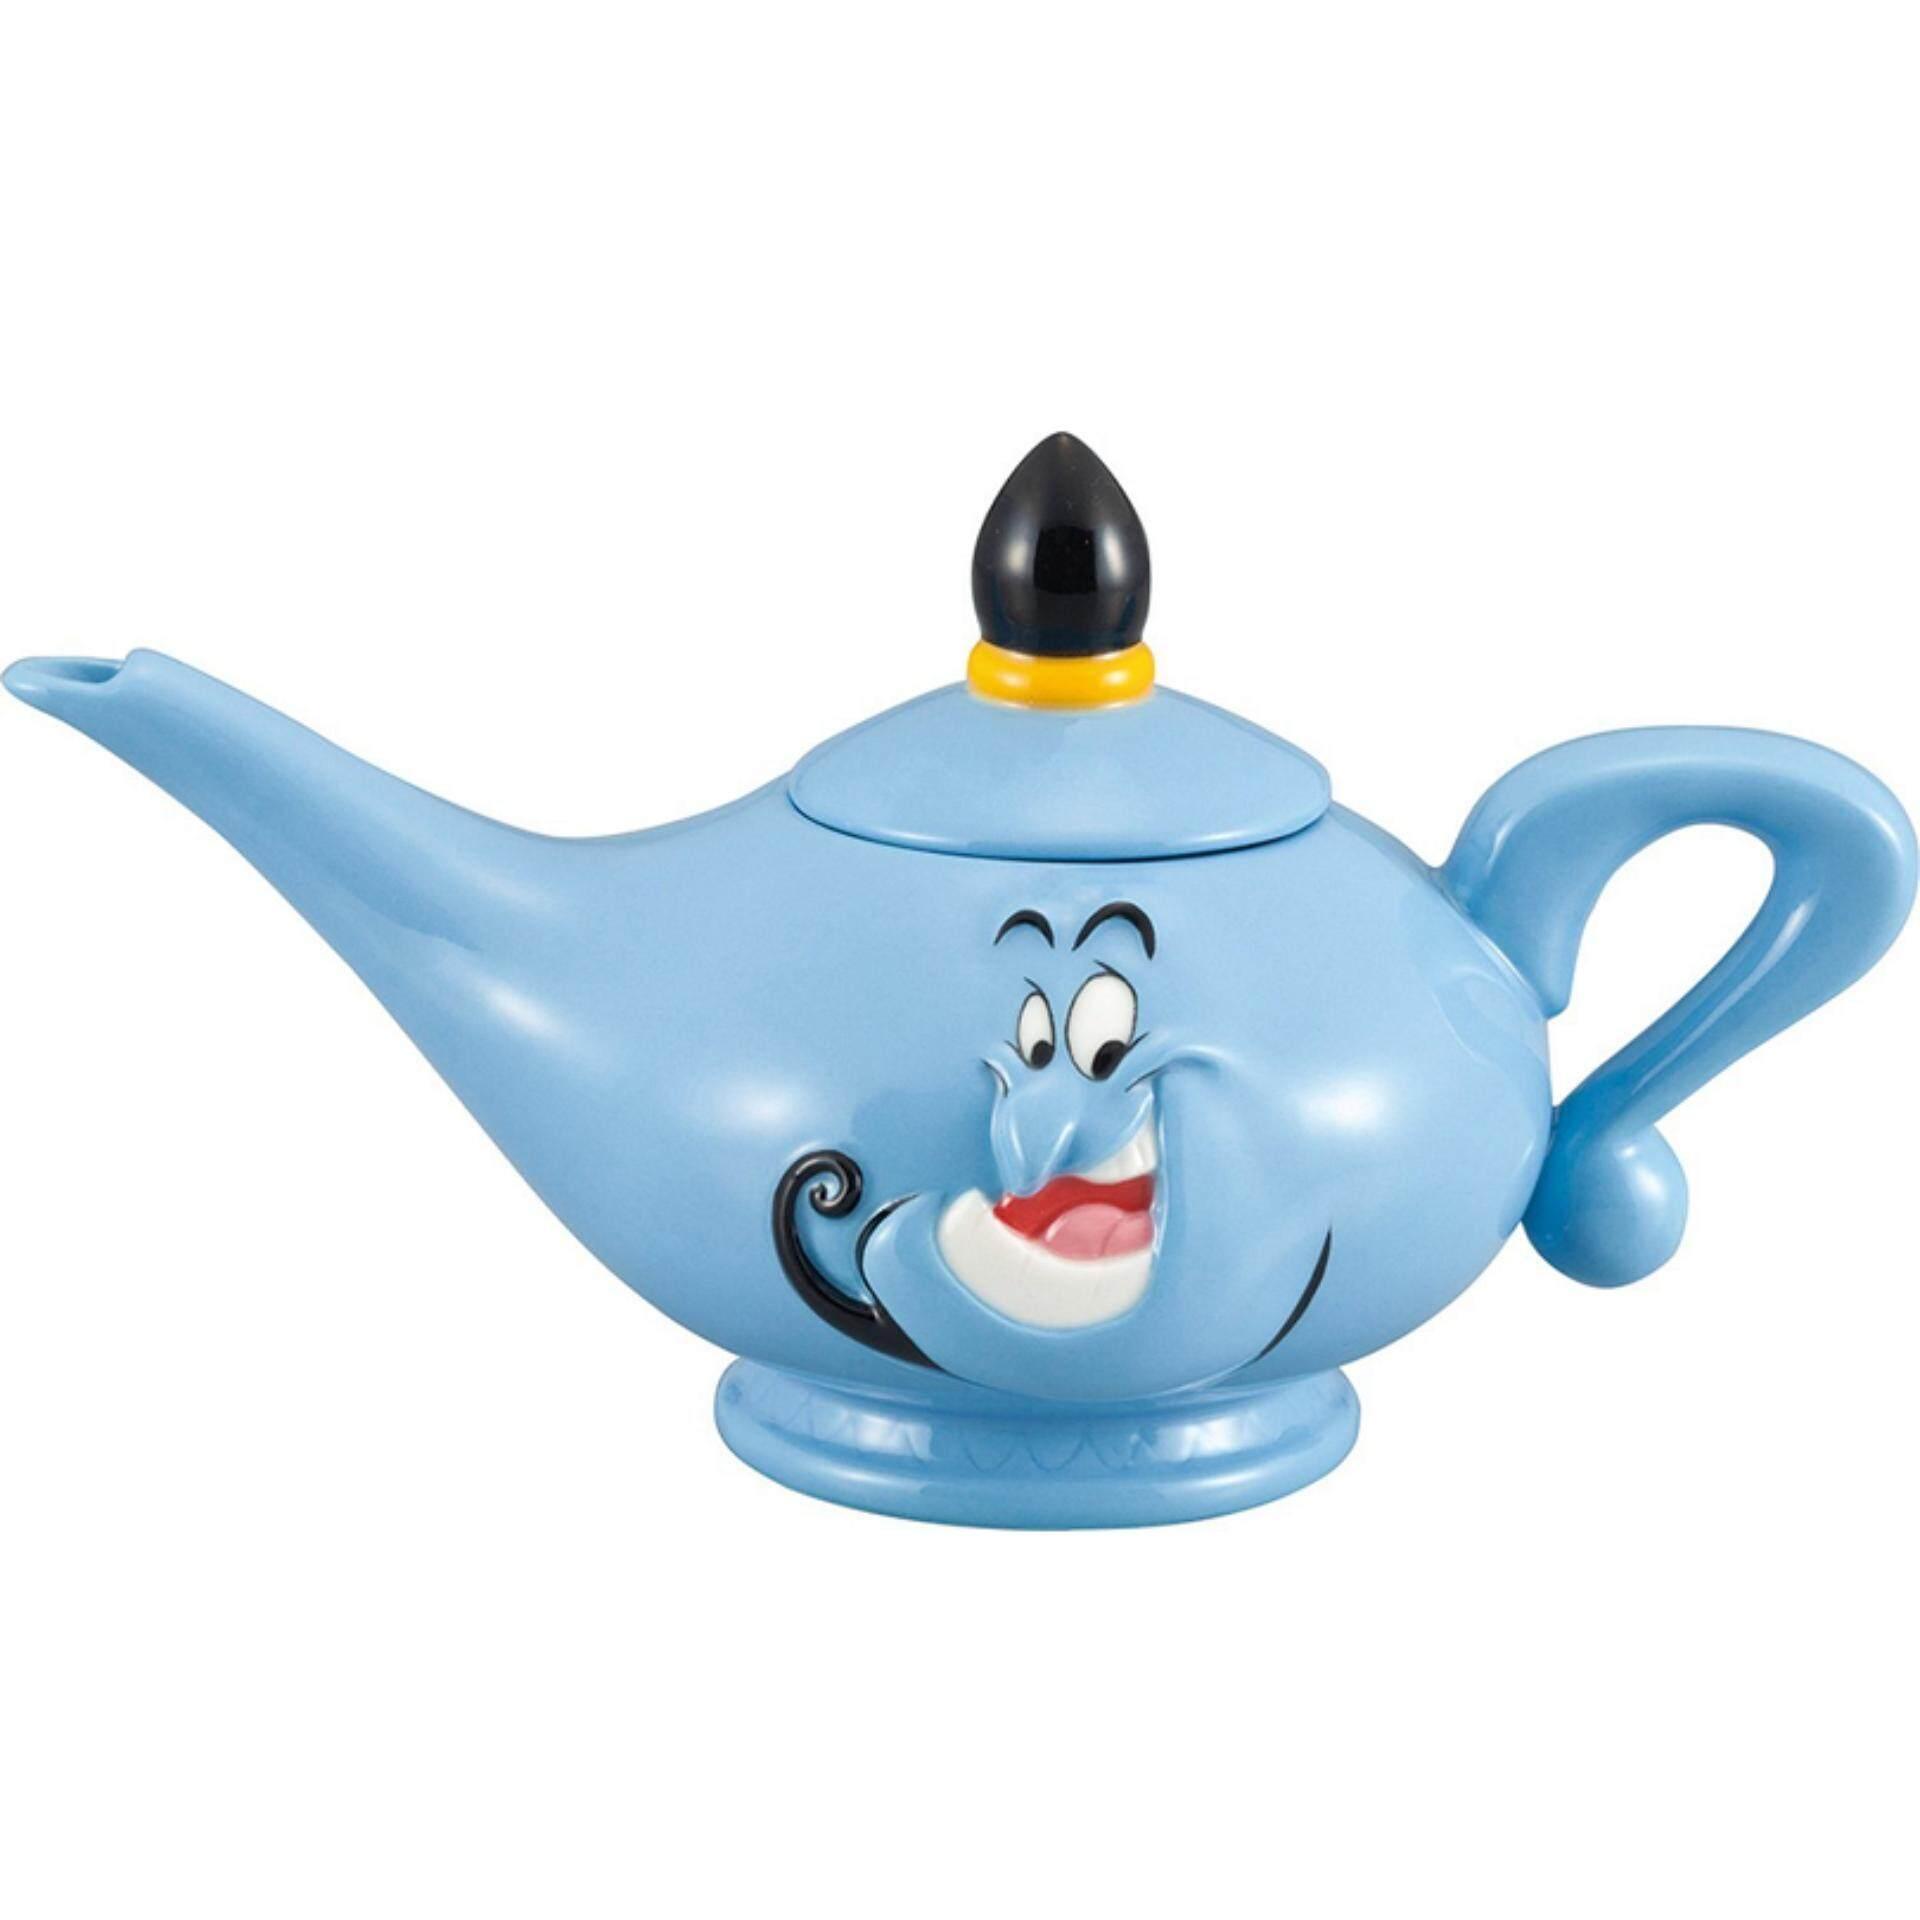 Disney Aladdin Teapot - Genie